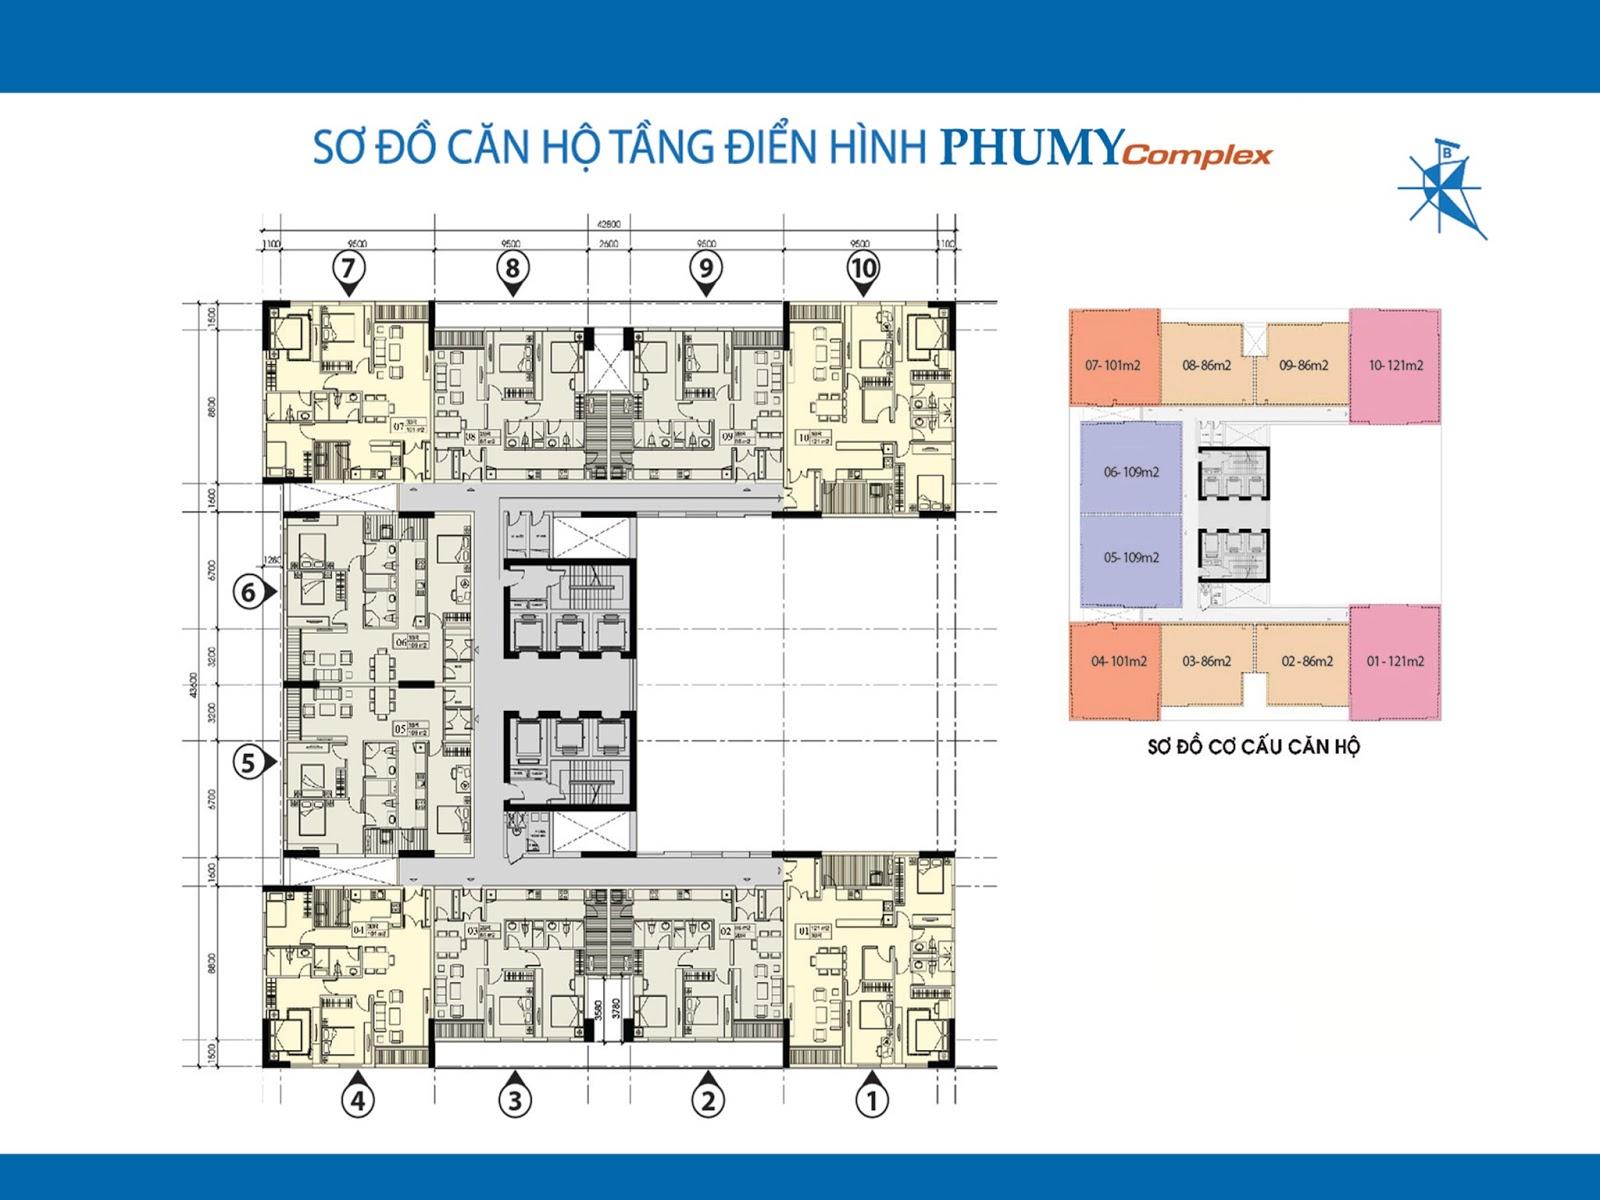 Thiết kế căn hộ chung cư Phú Mỹ Complex - N01T4 Ngoại Giao Đoàn